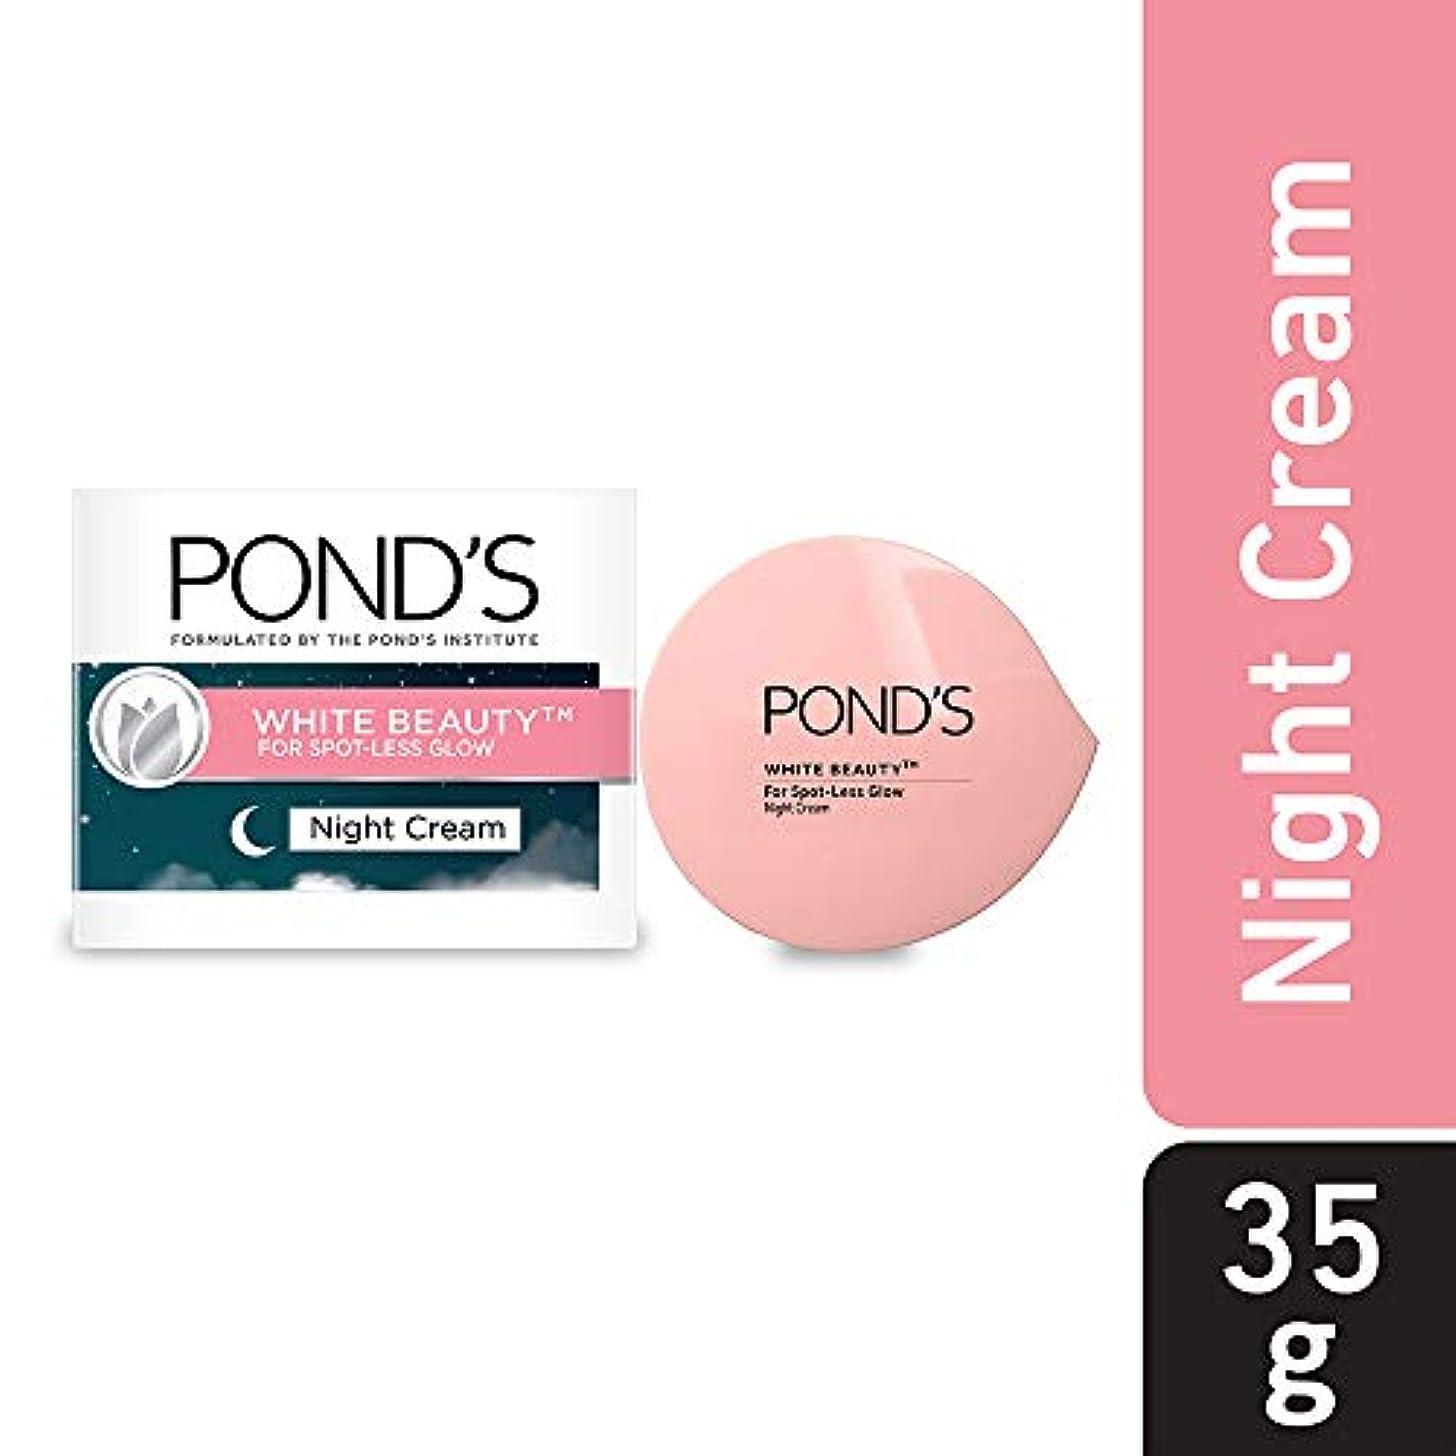 POND'S White Beauty Night Cream, 35 g - India (並行インポート)